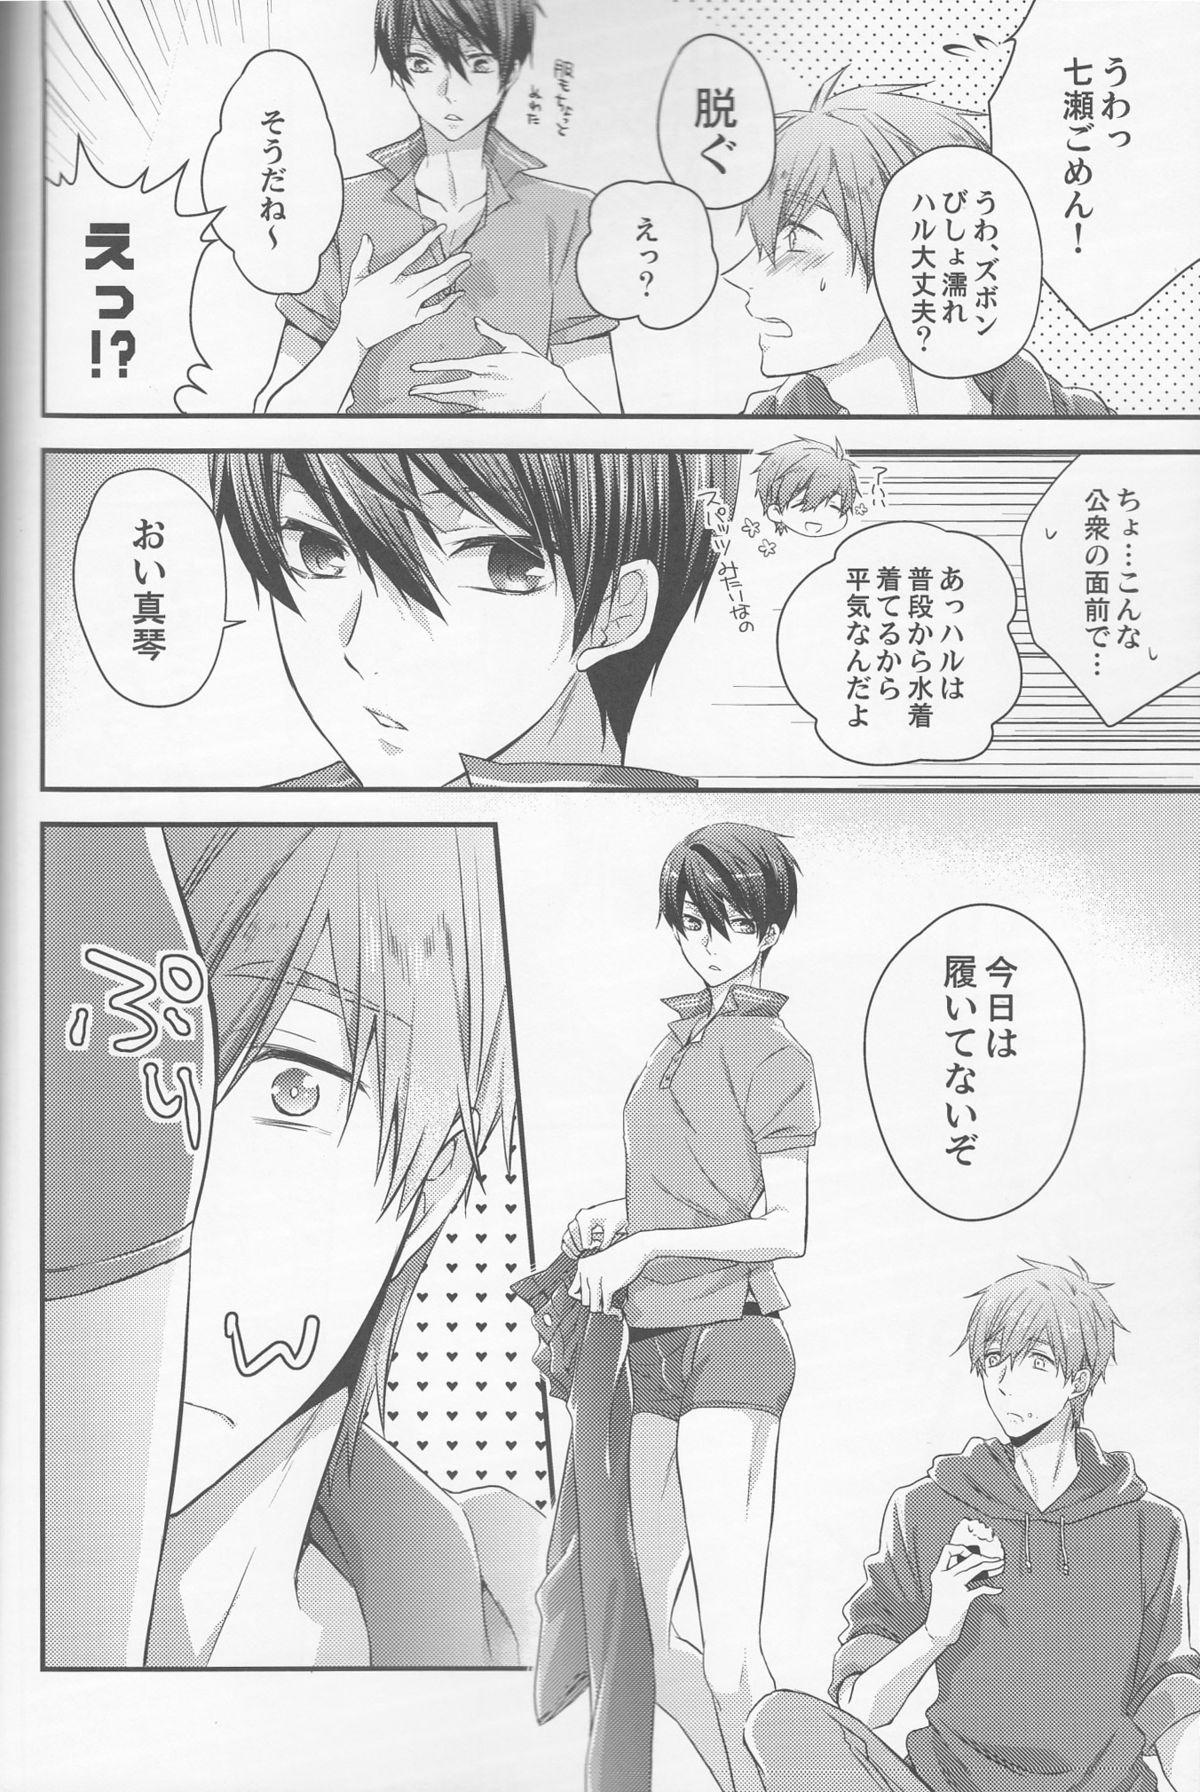 Hajimemashite Yome desu. 13